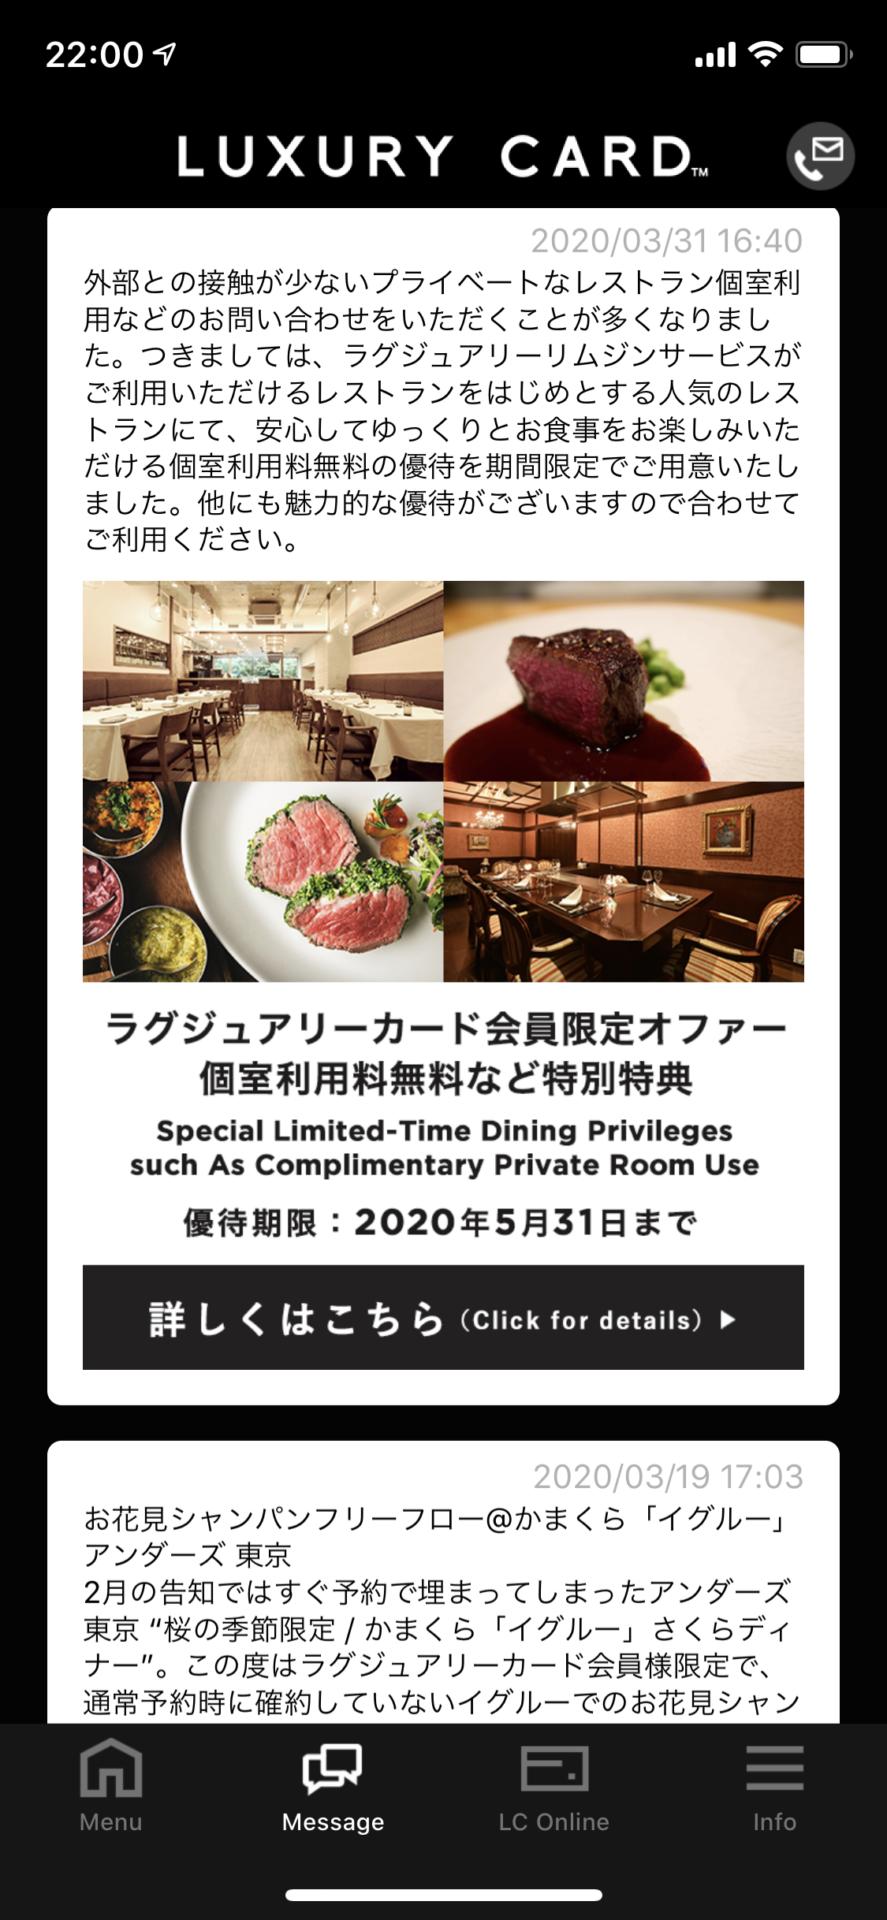 ラグジュアリーカードのレストラン個室優待特典